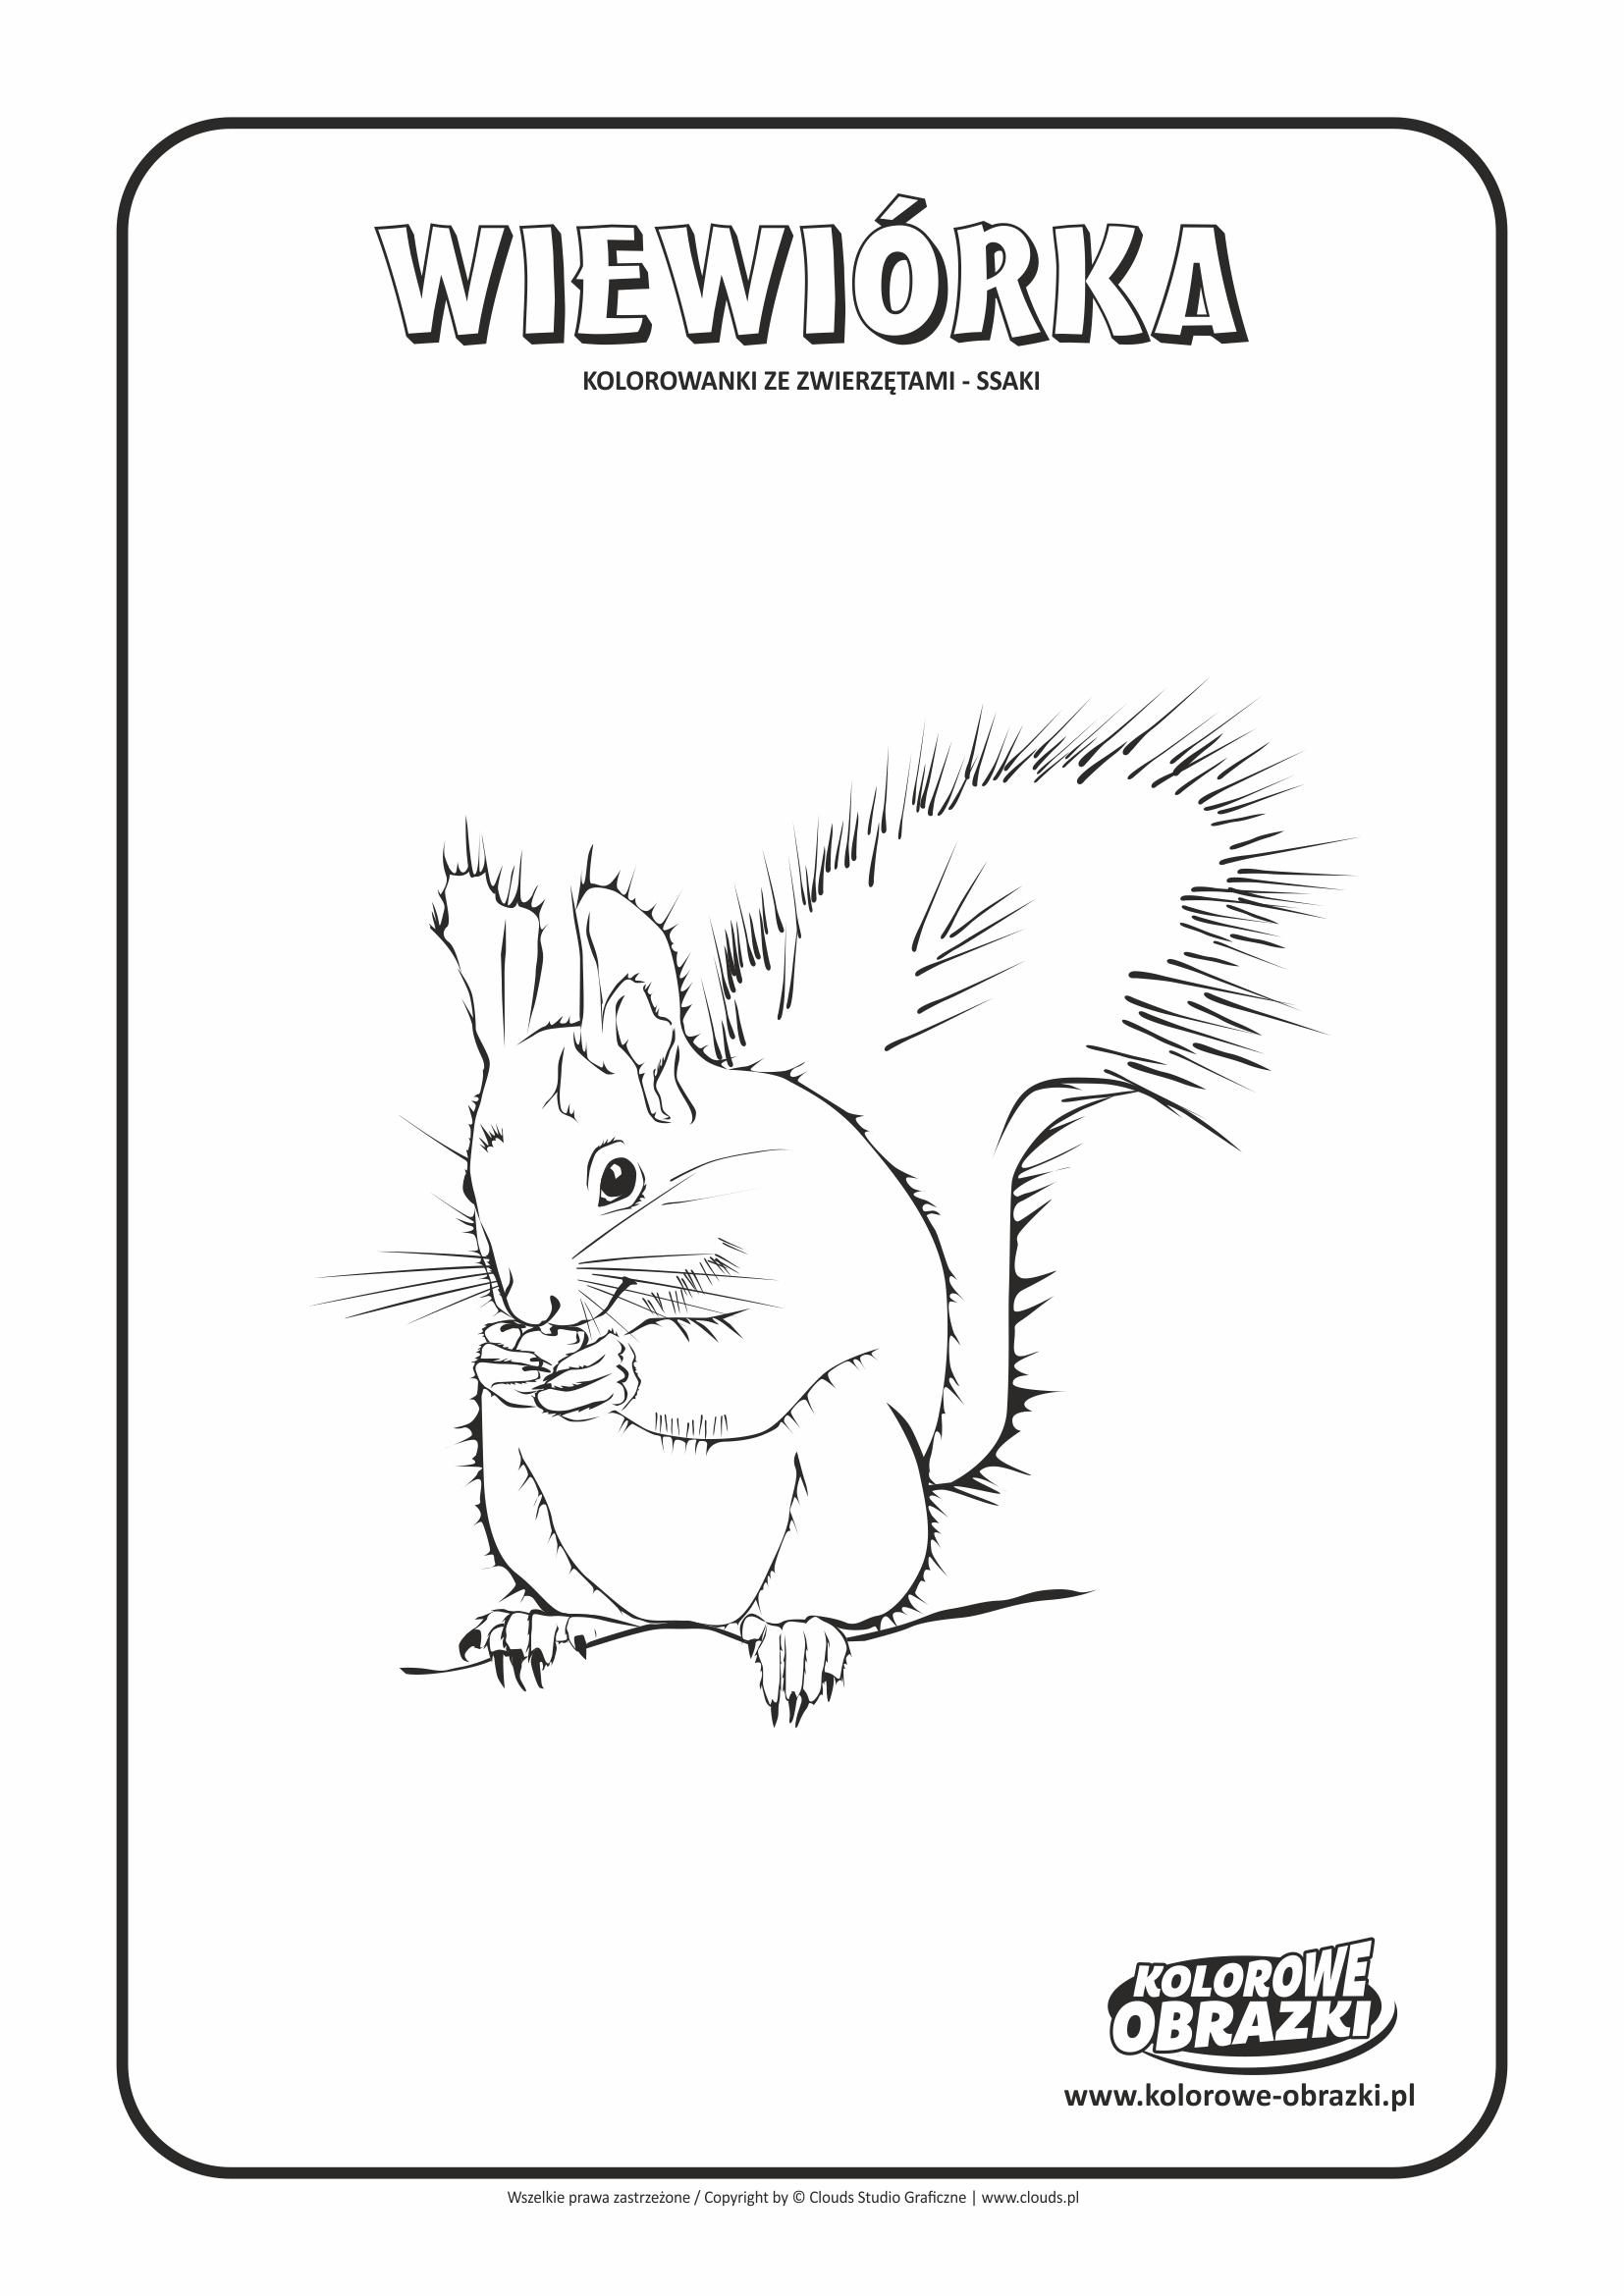 Kolorowanki dla dzieci - Zwierzęta / Wiewiórka, Kolorowanka z wiewiórką